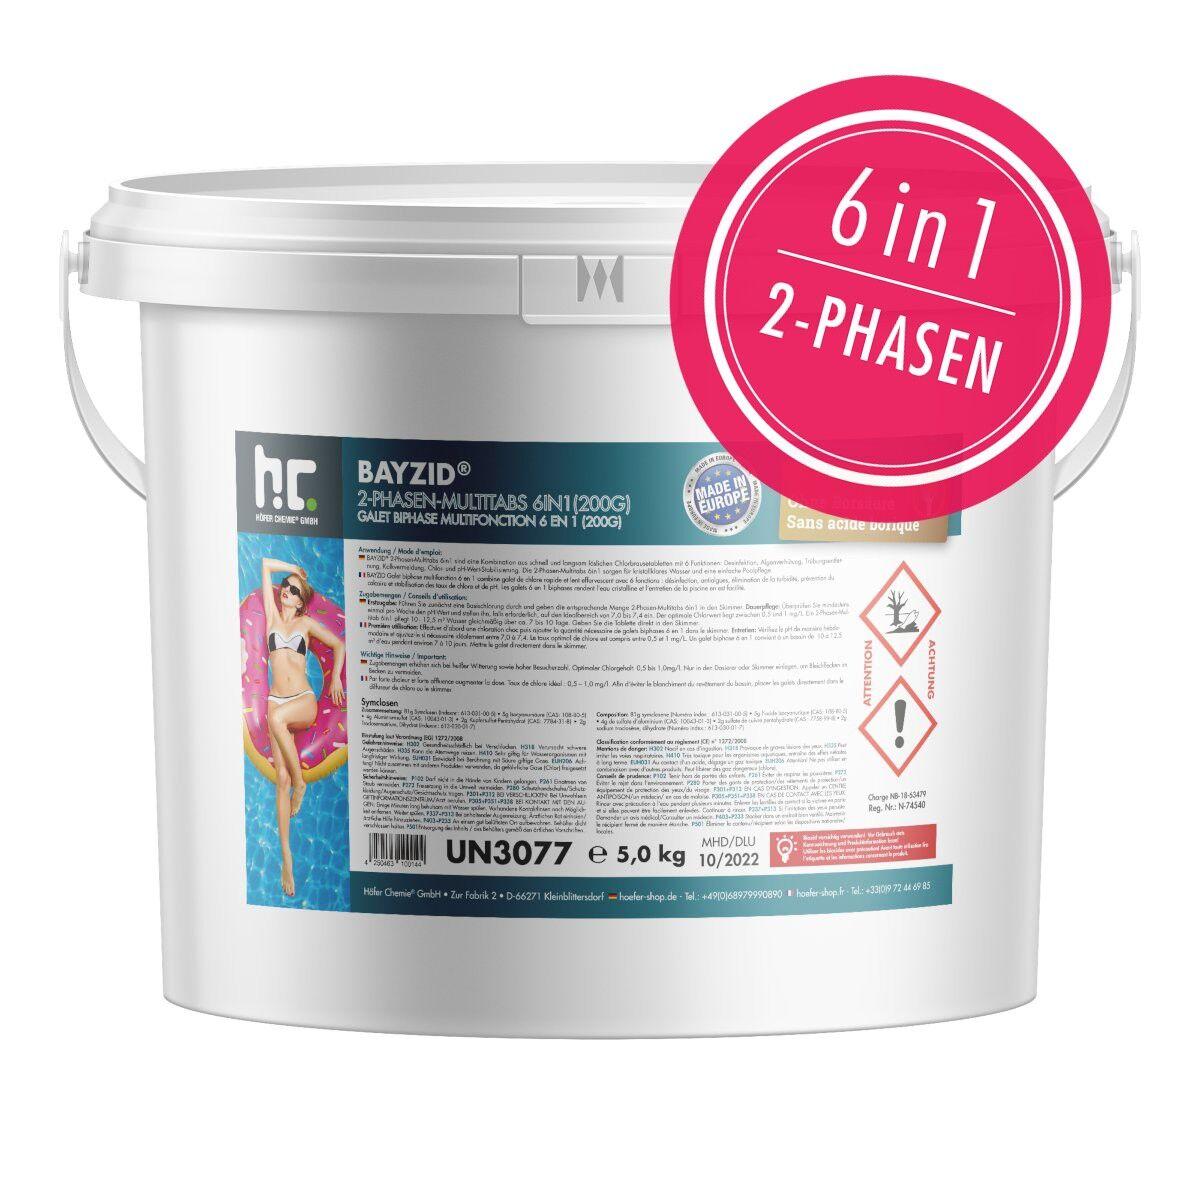 BAYZID 10 kg Galets de chlore biphase 6en1 (200g) (2 x 5 kg)